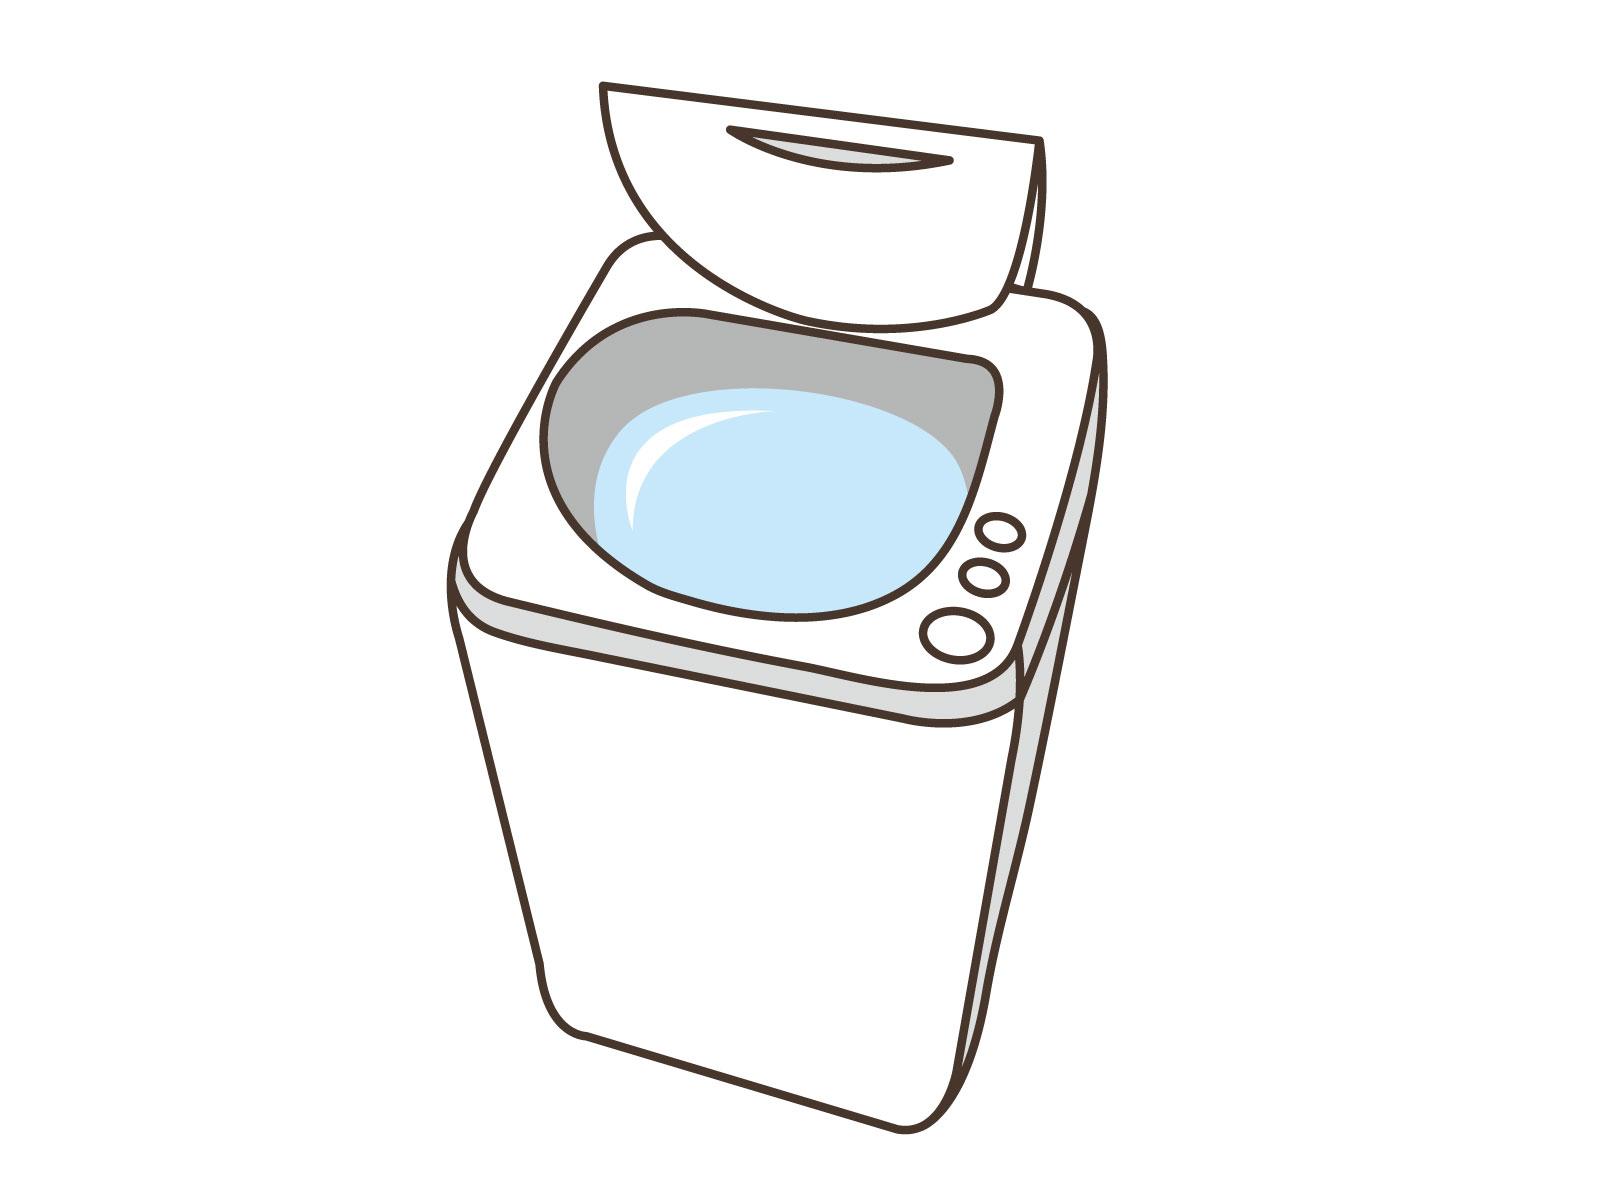 洗濯機のイメージ画像2